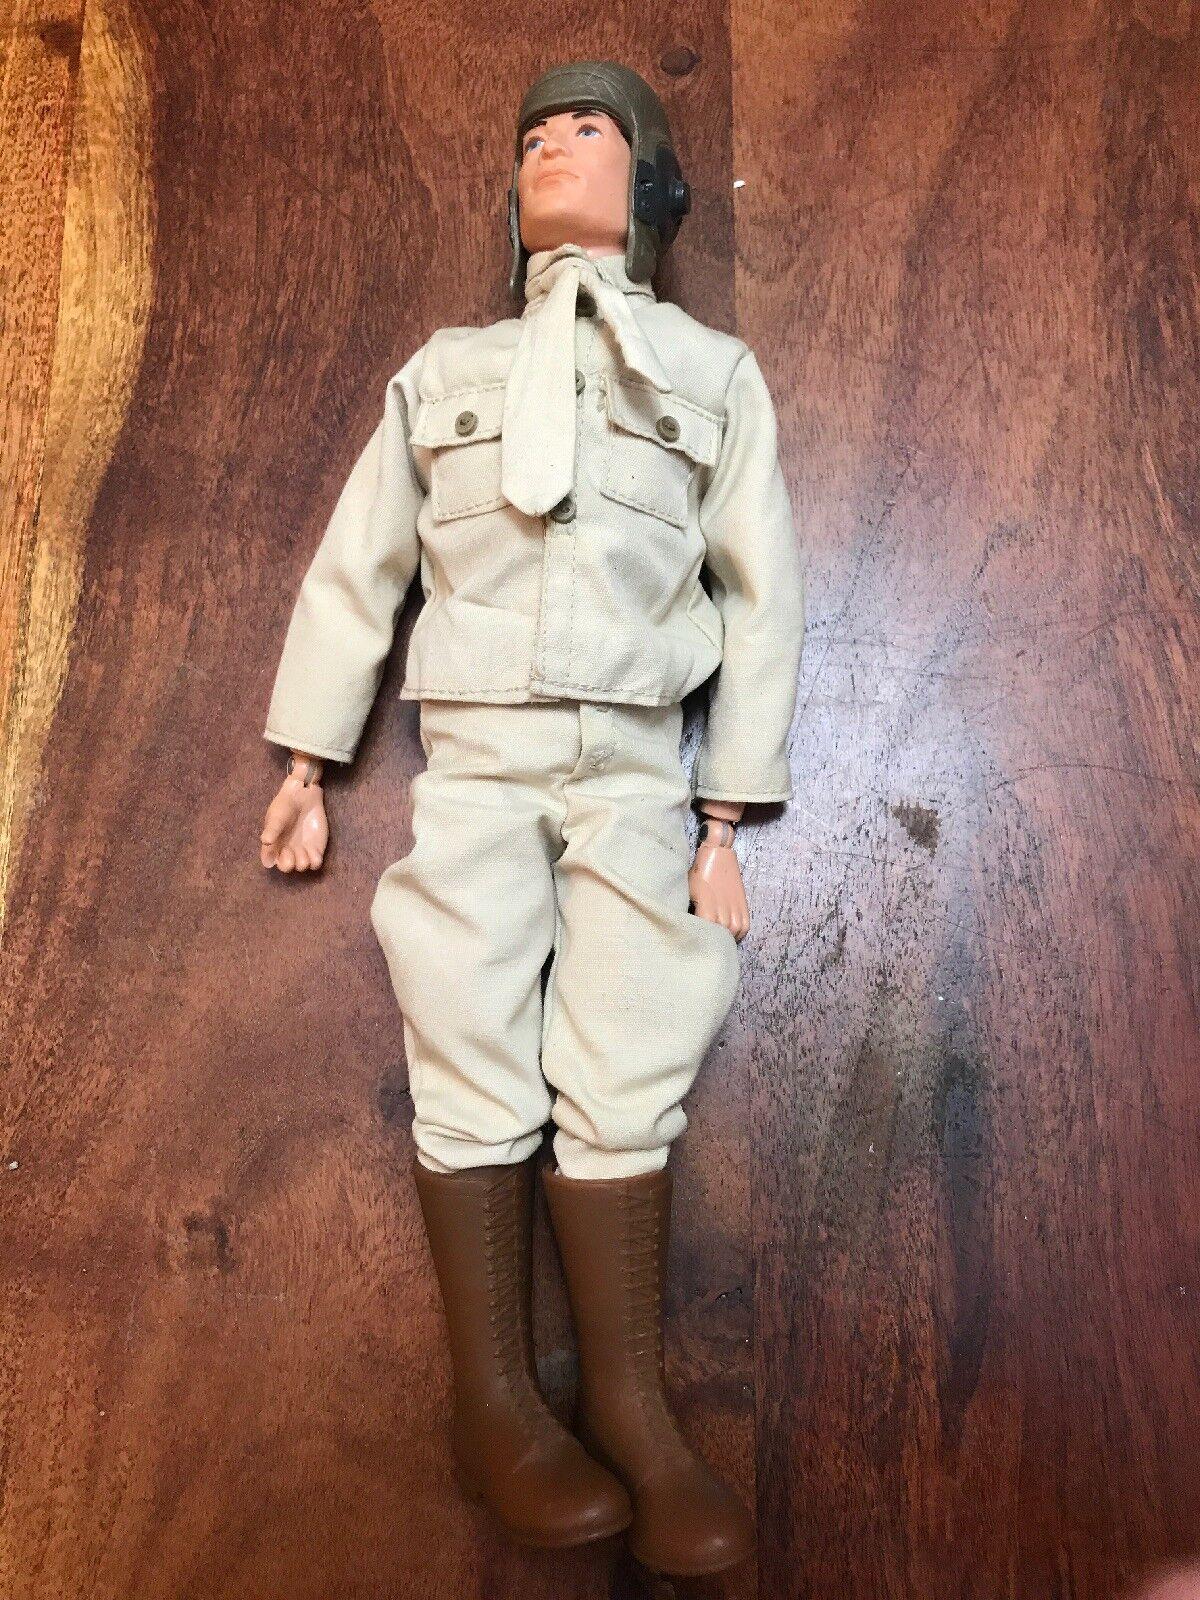 Da collezione 1964 Hasbro GI JOE Militare dell'Esercito azione cifra VESTITE Stivali 12 CG